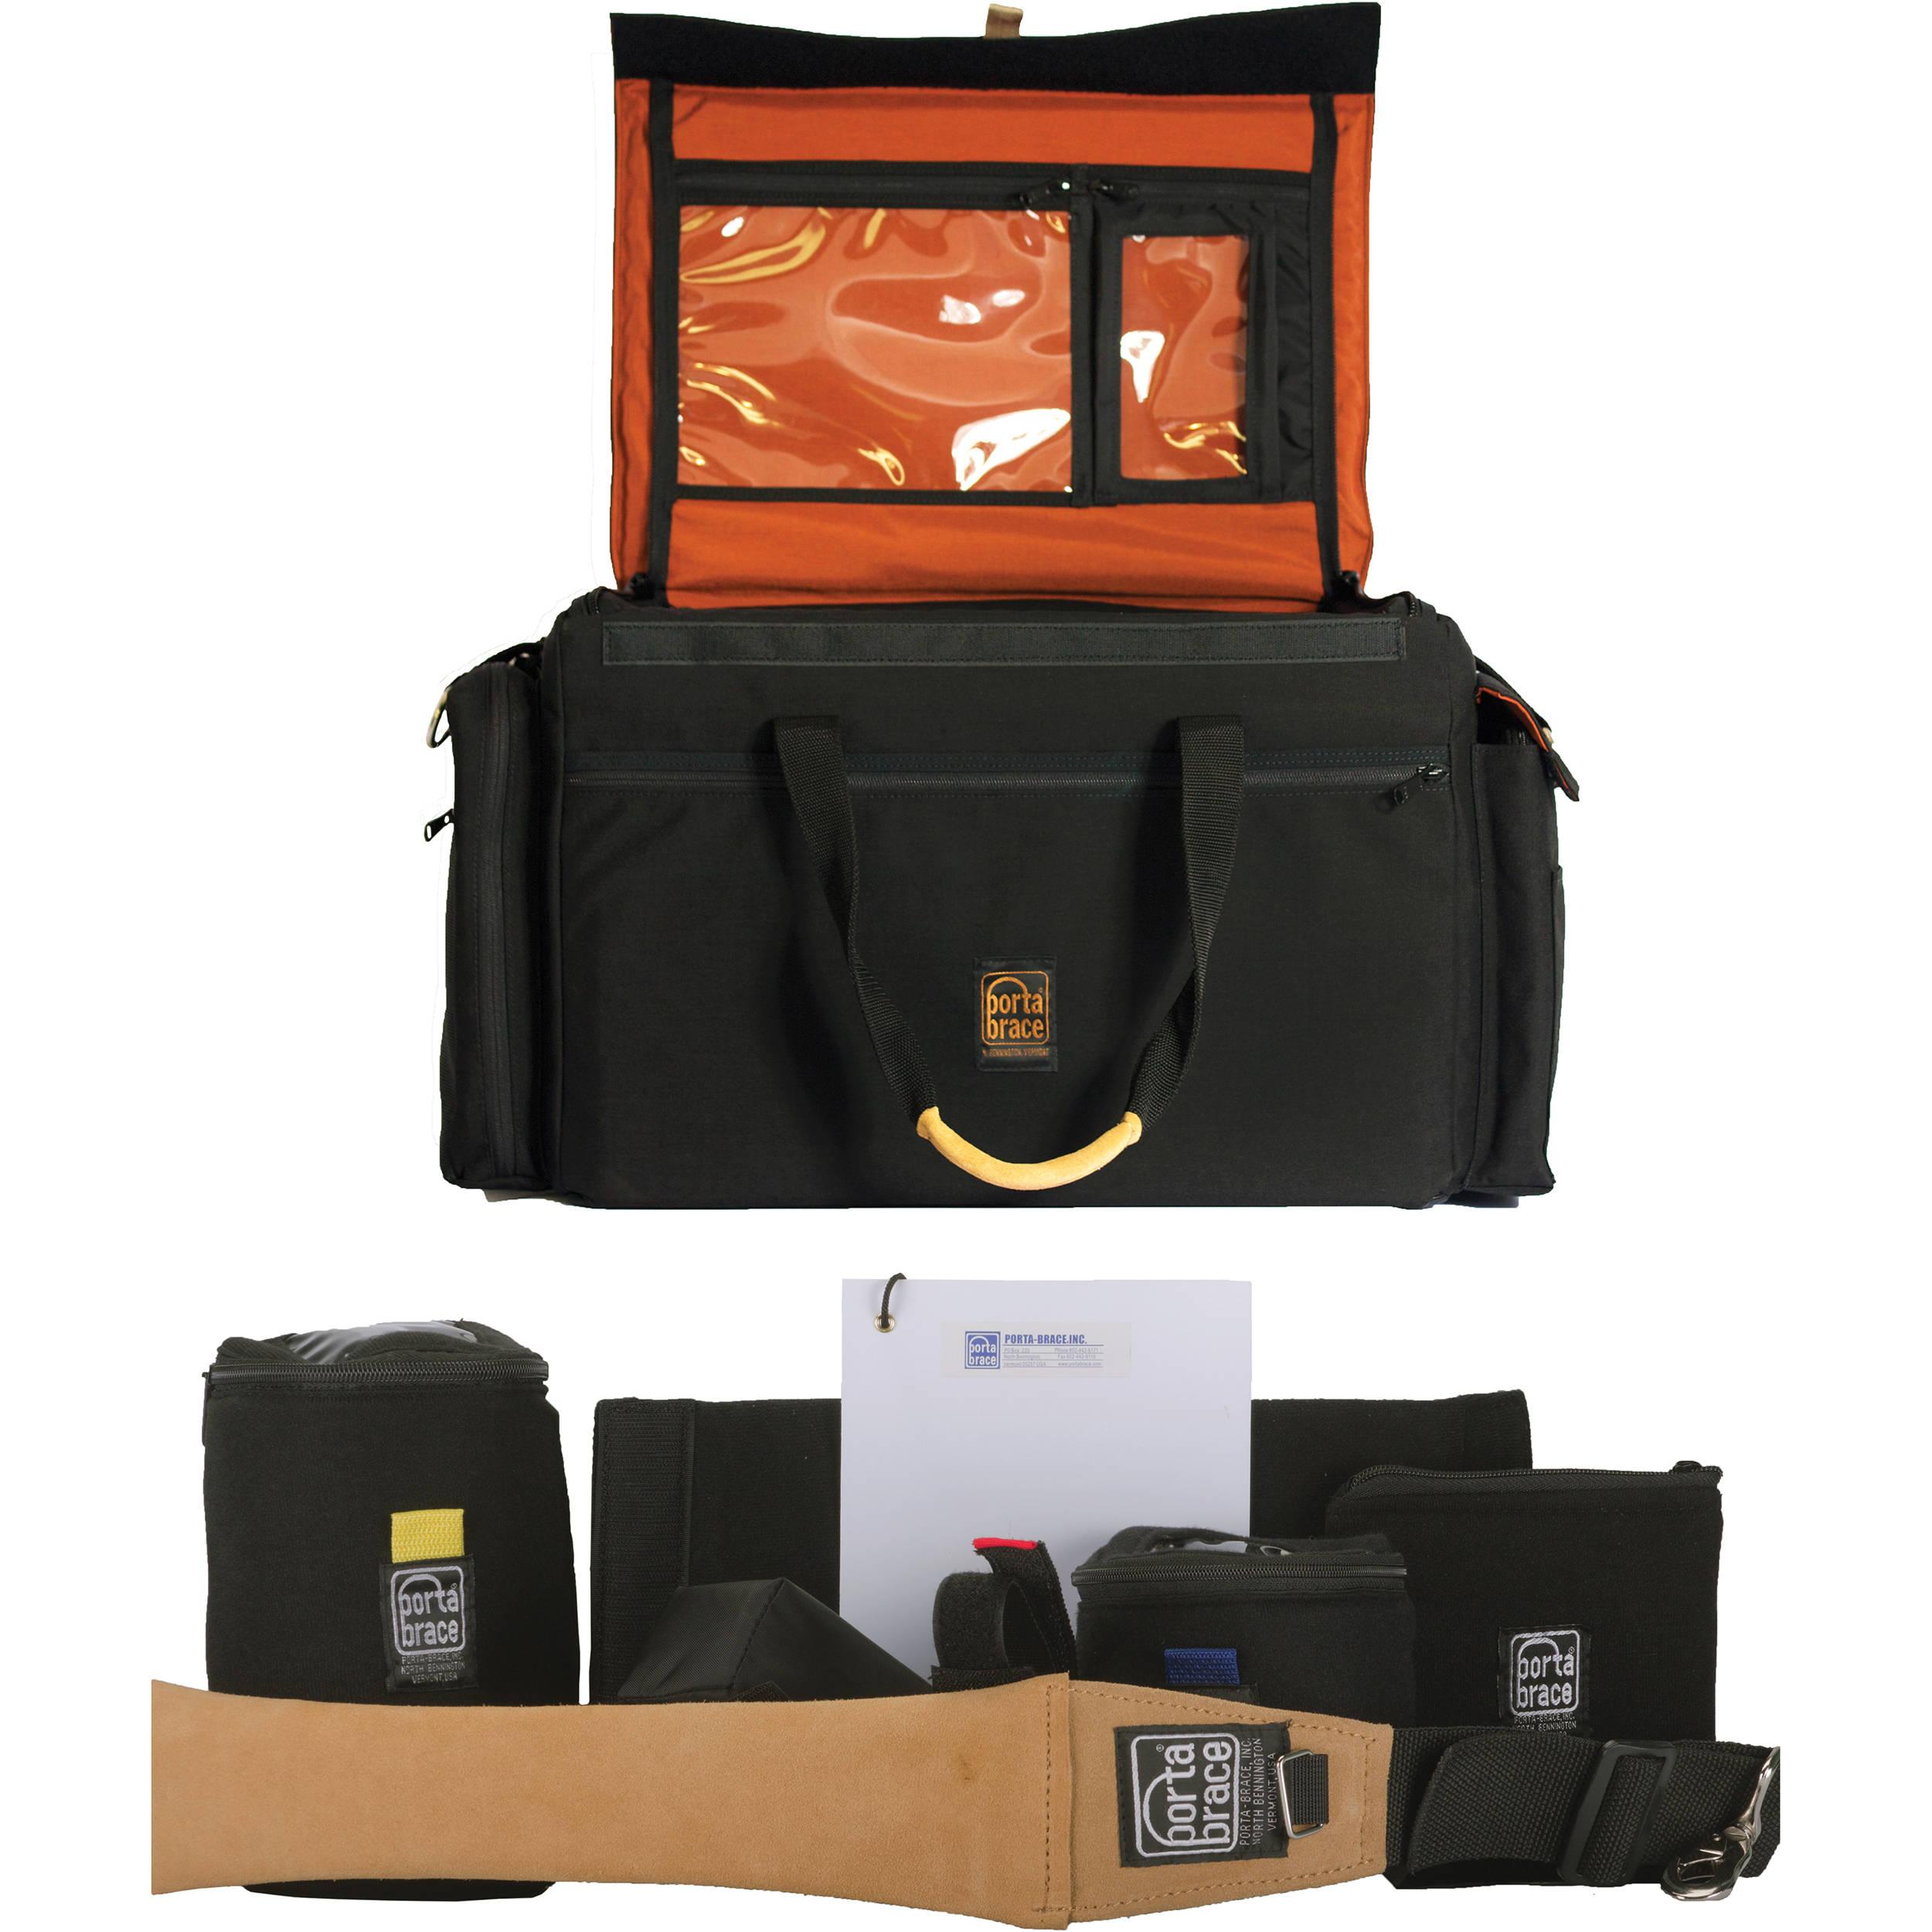 502518297f Porta Brace RIG-3SRK Large RIG Camera Case and Interior RIG-3SRK